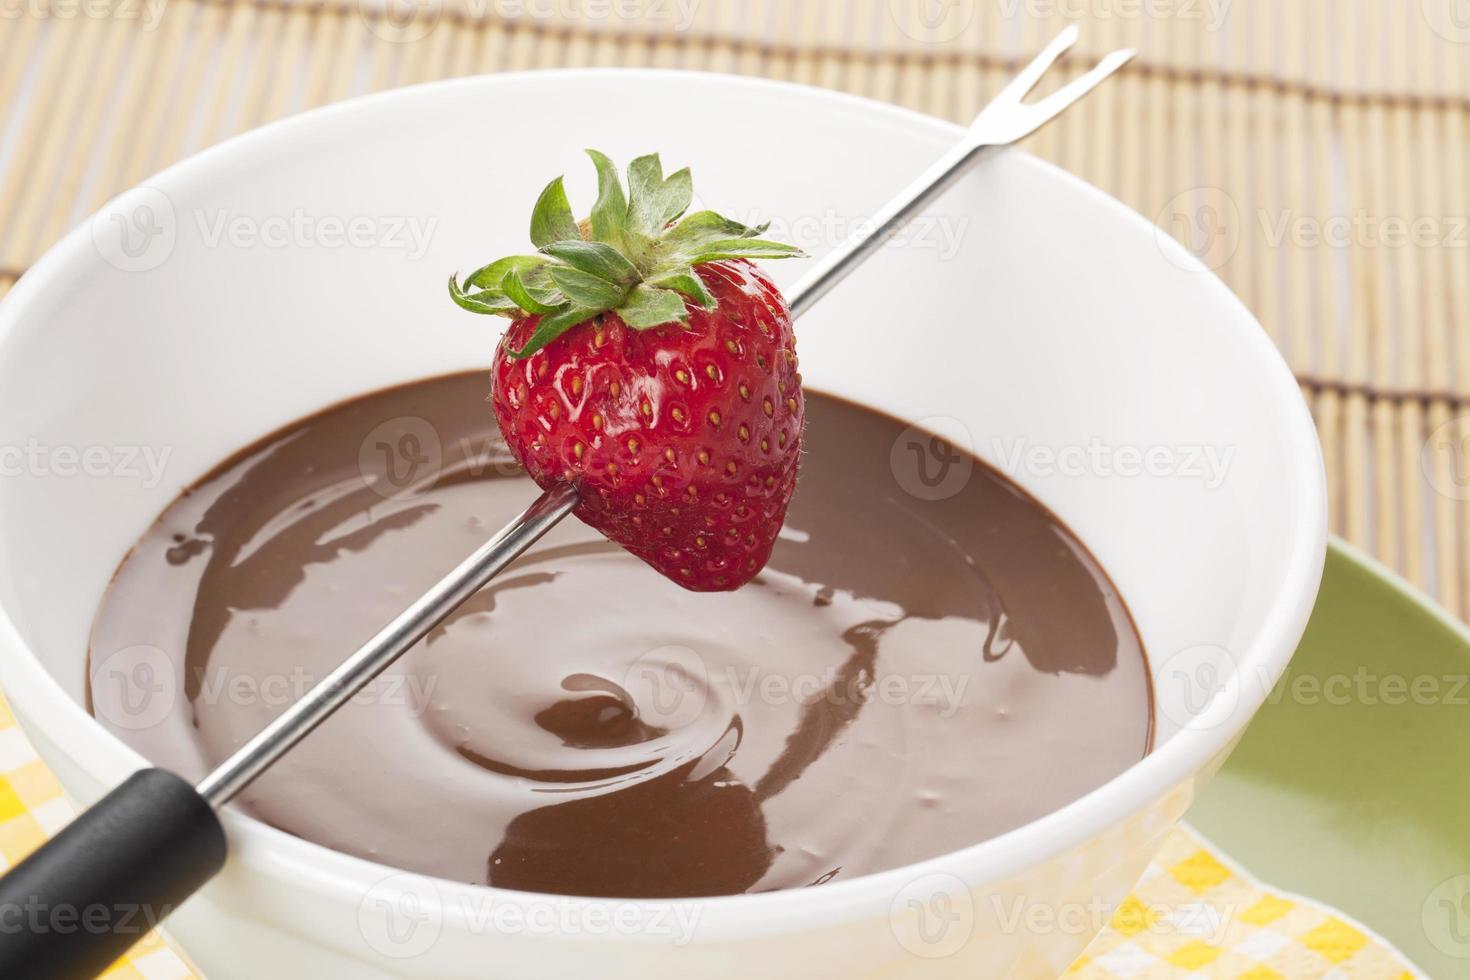 morango no palito de fondue e tigela de chocolate derretido foto